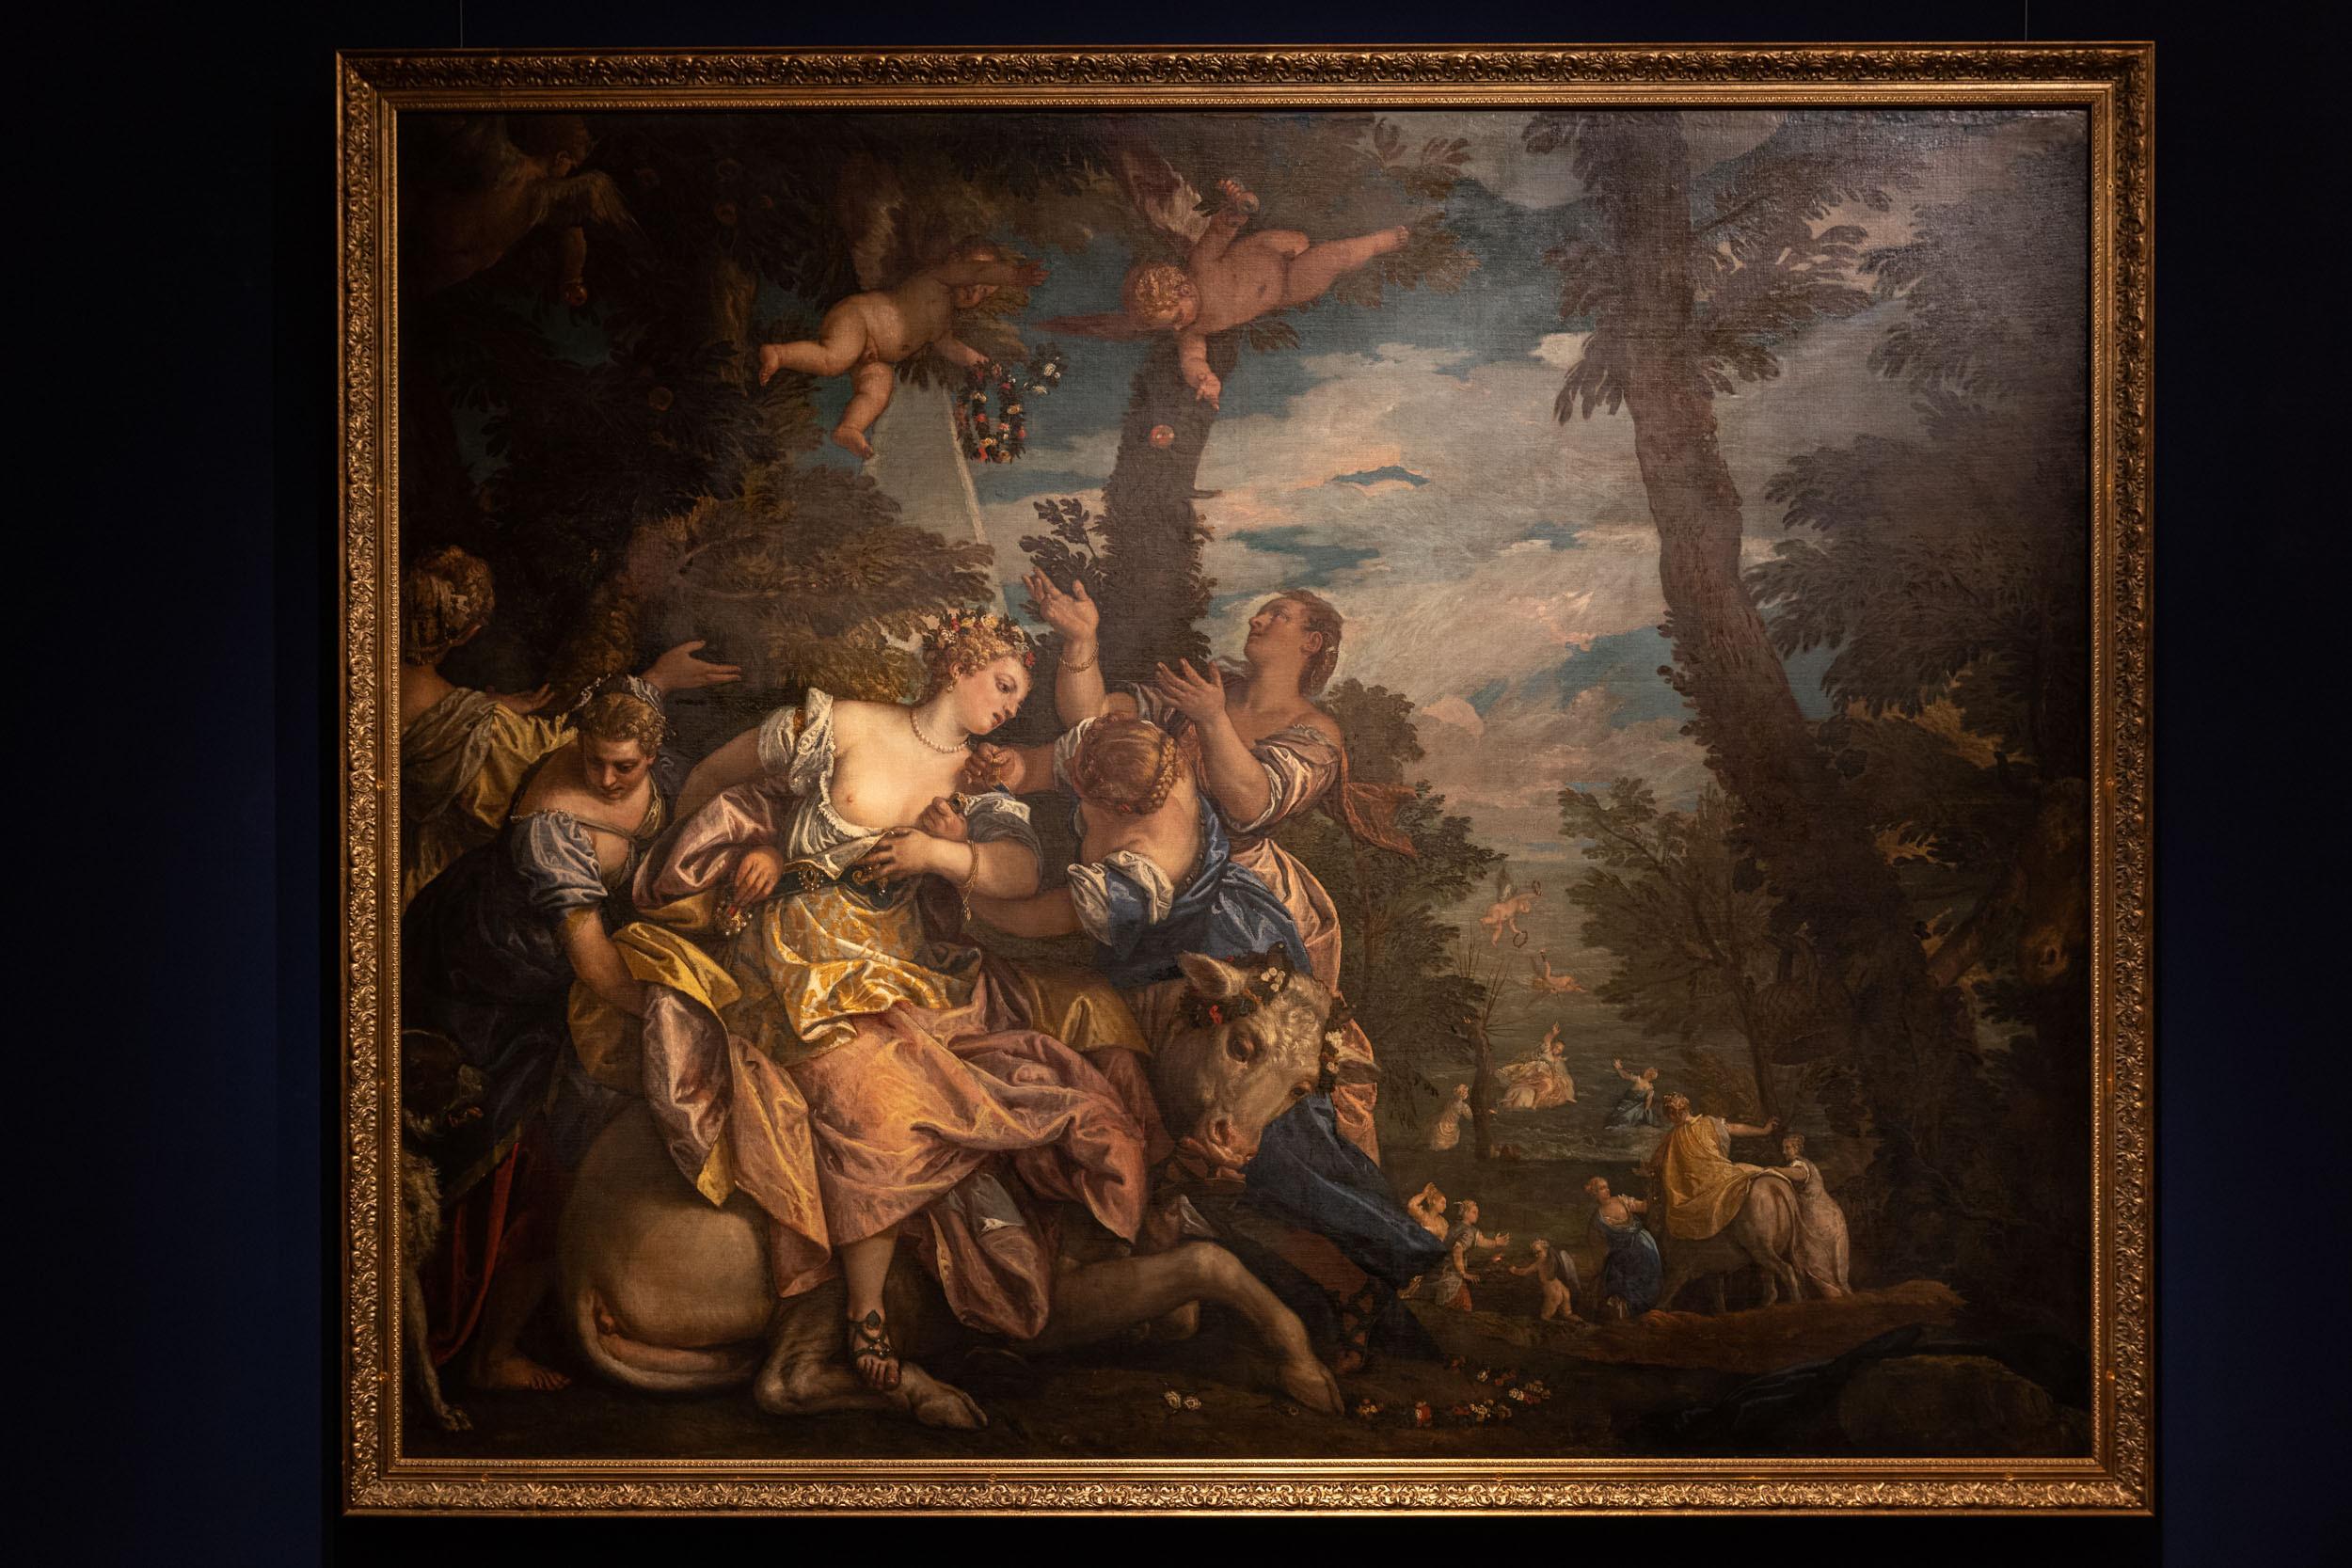 eSeL Foto: Tizians Frauenbild. Schönheit – Liebe – Poesie (Kunsthistorisches Museum, 15.10.2021 - 16.1.20222)